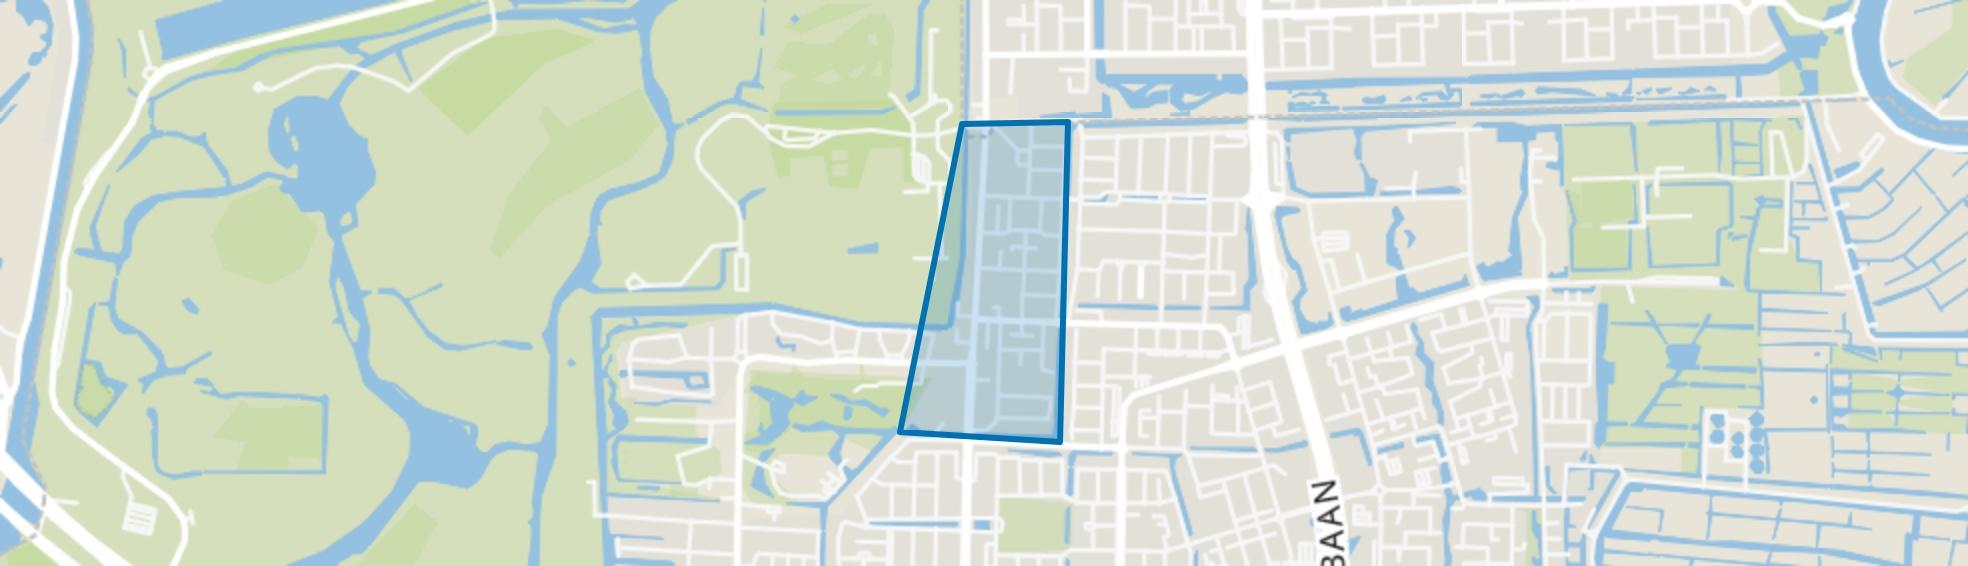 Randwijck West, Amstelveen map